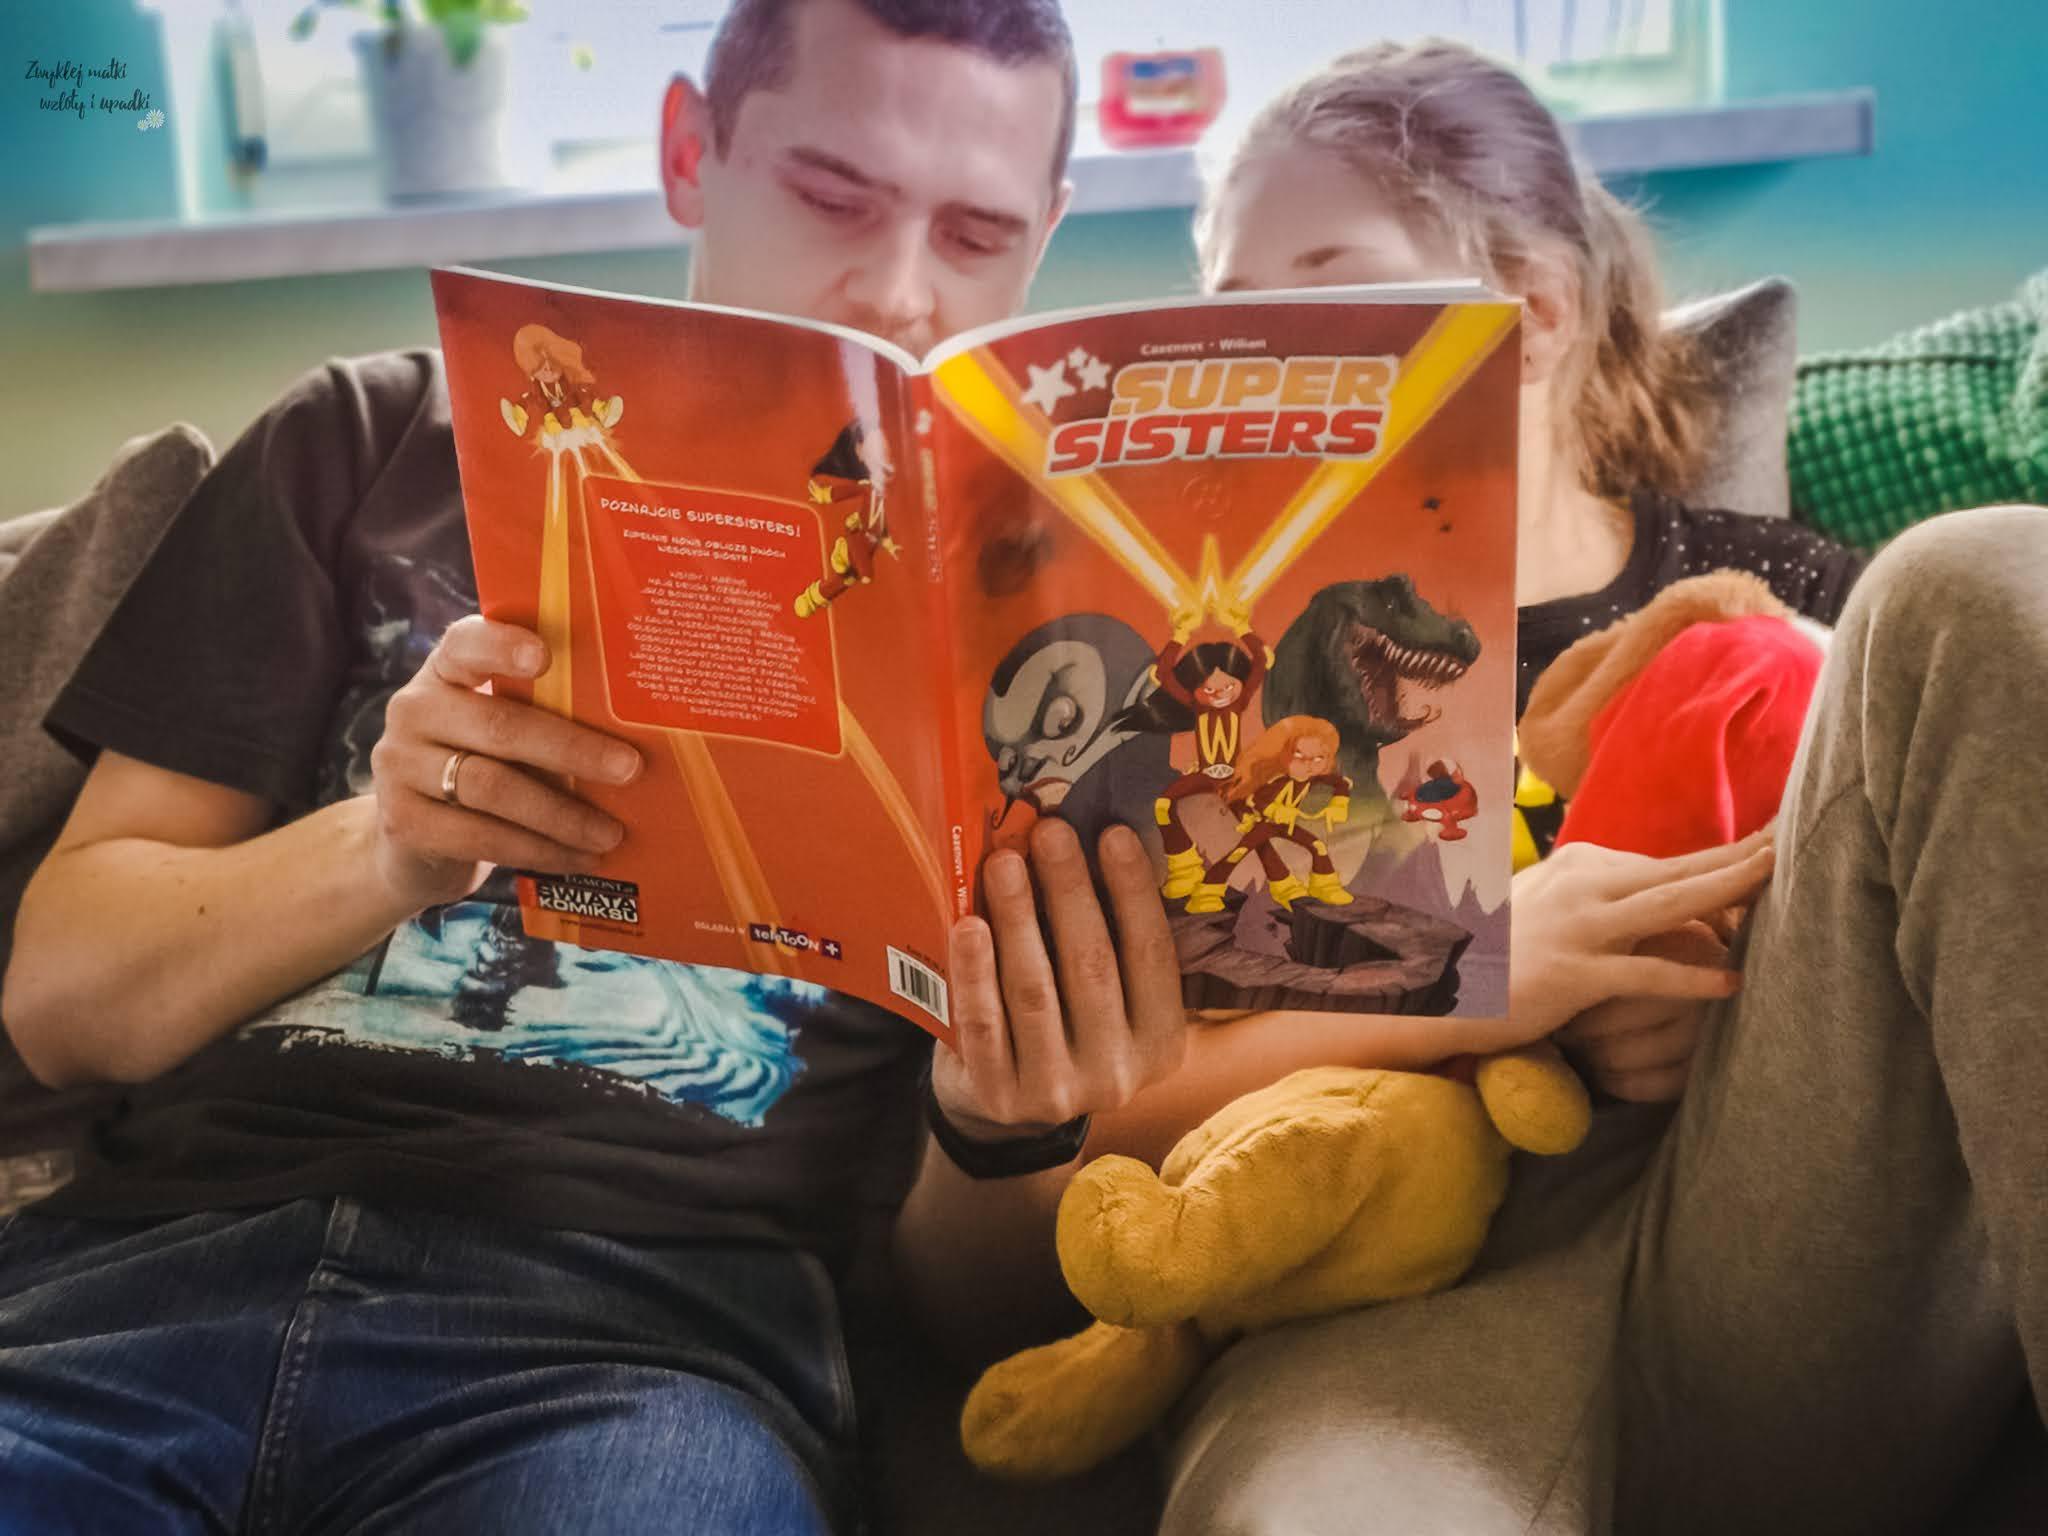 Noworoczne postanowienia - jeszcze więcej komiksów z Egmontu, Super Sisters, Asteriks i Obeliks